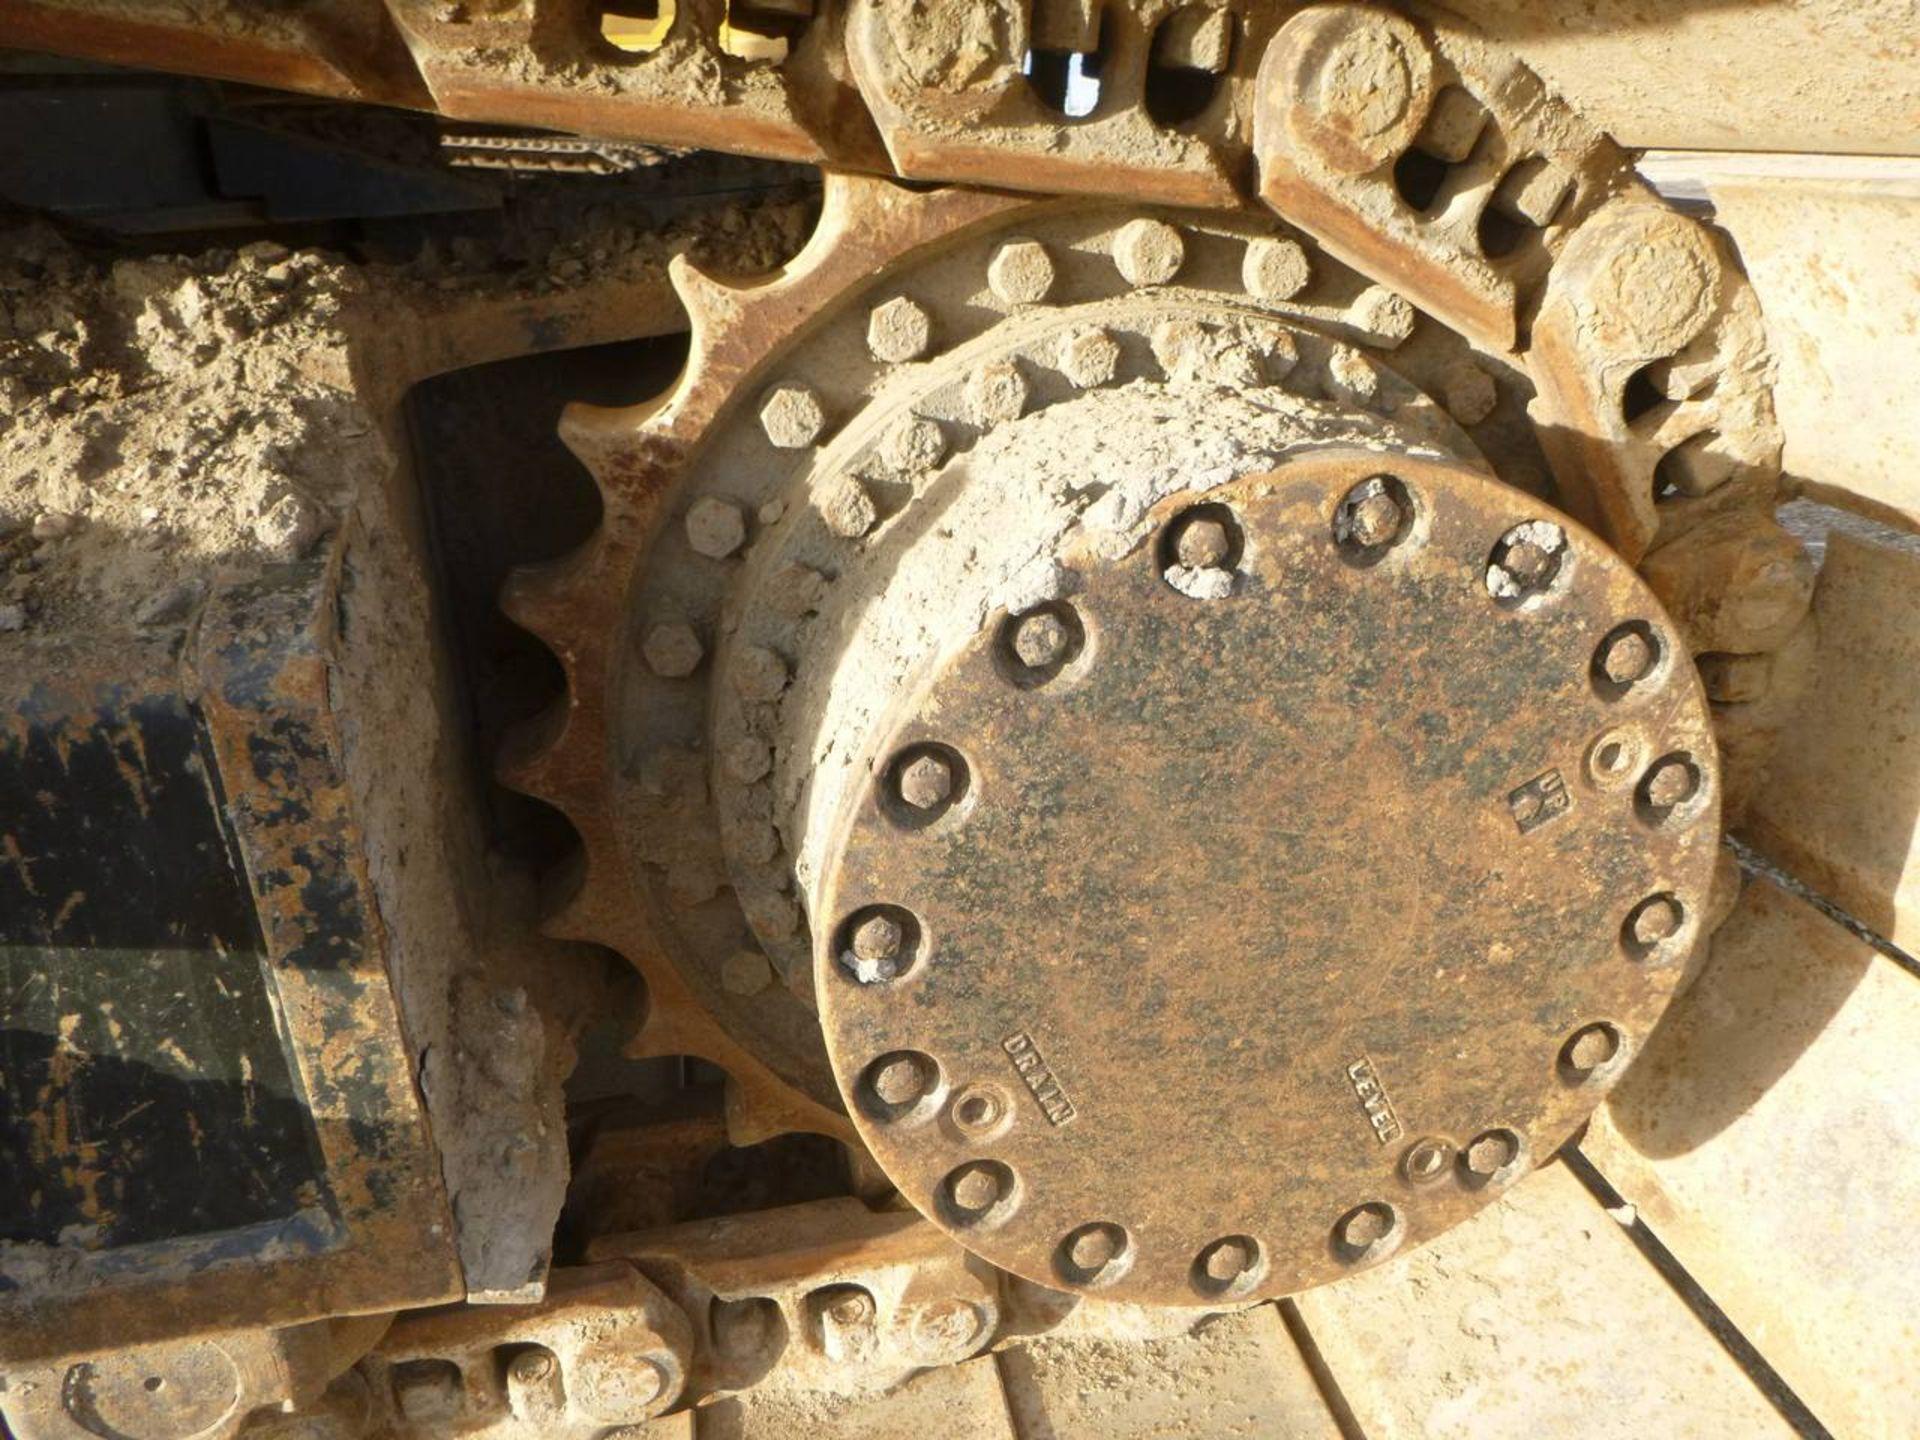 2014 John Deere 470G LC Excavator - Image 7 of 12